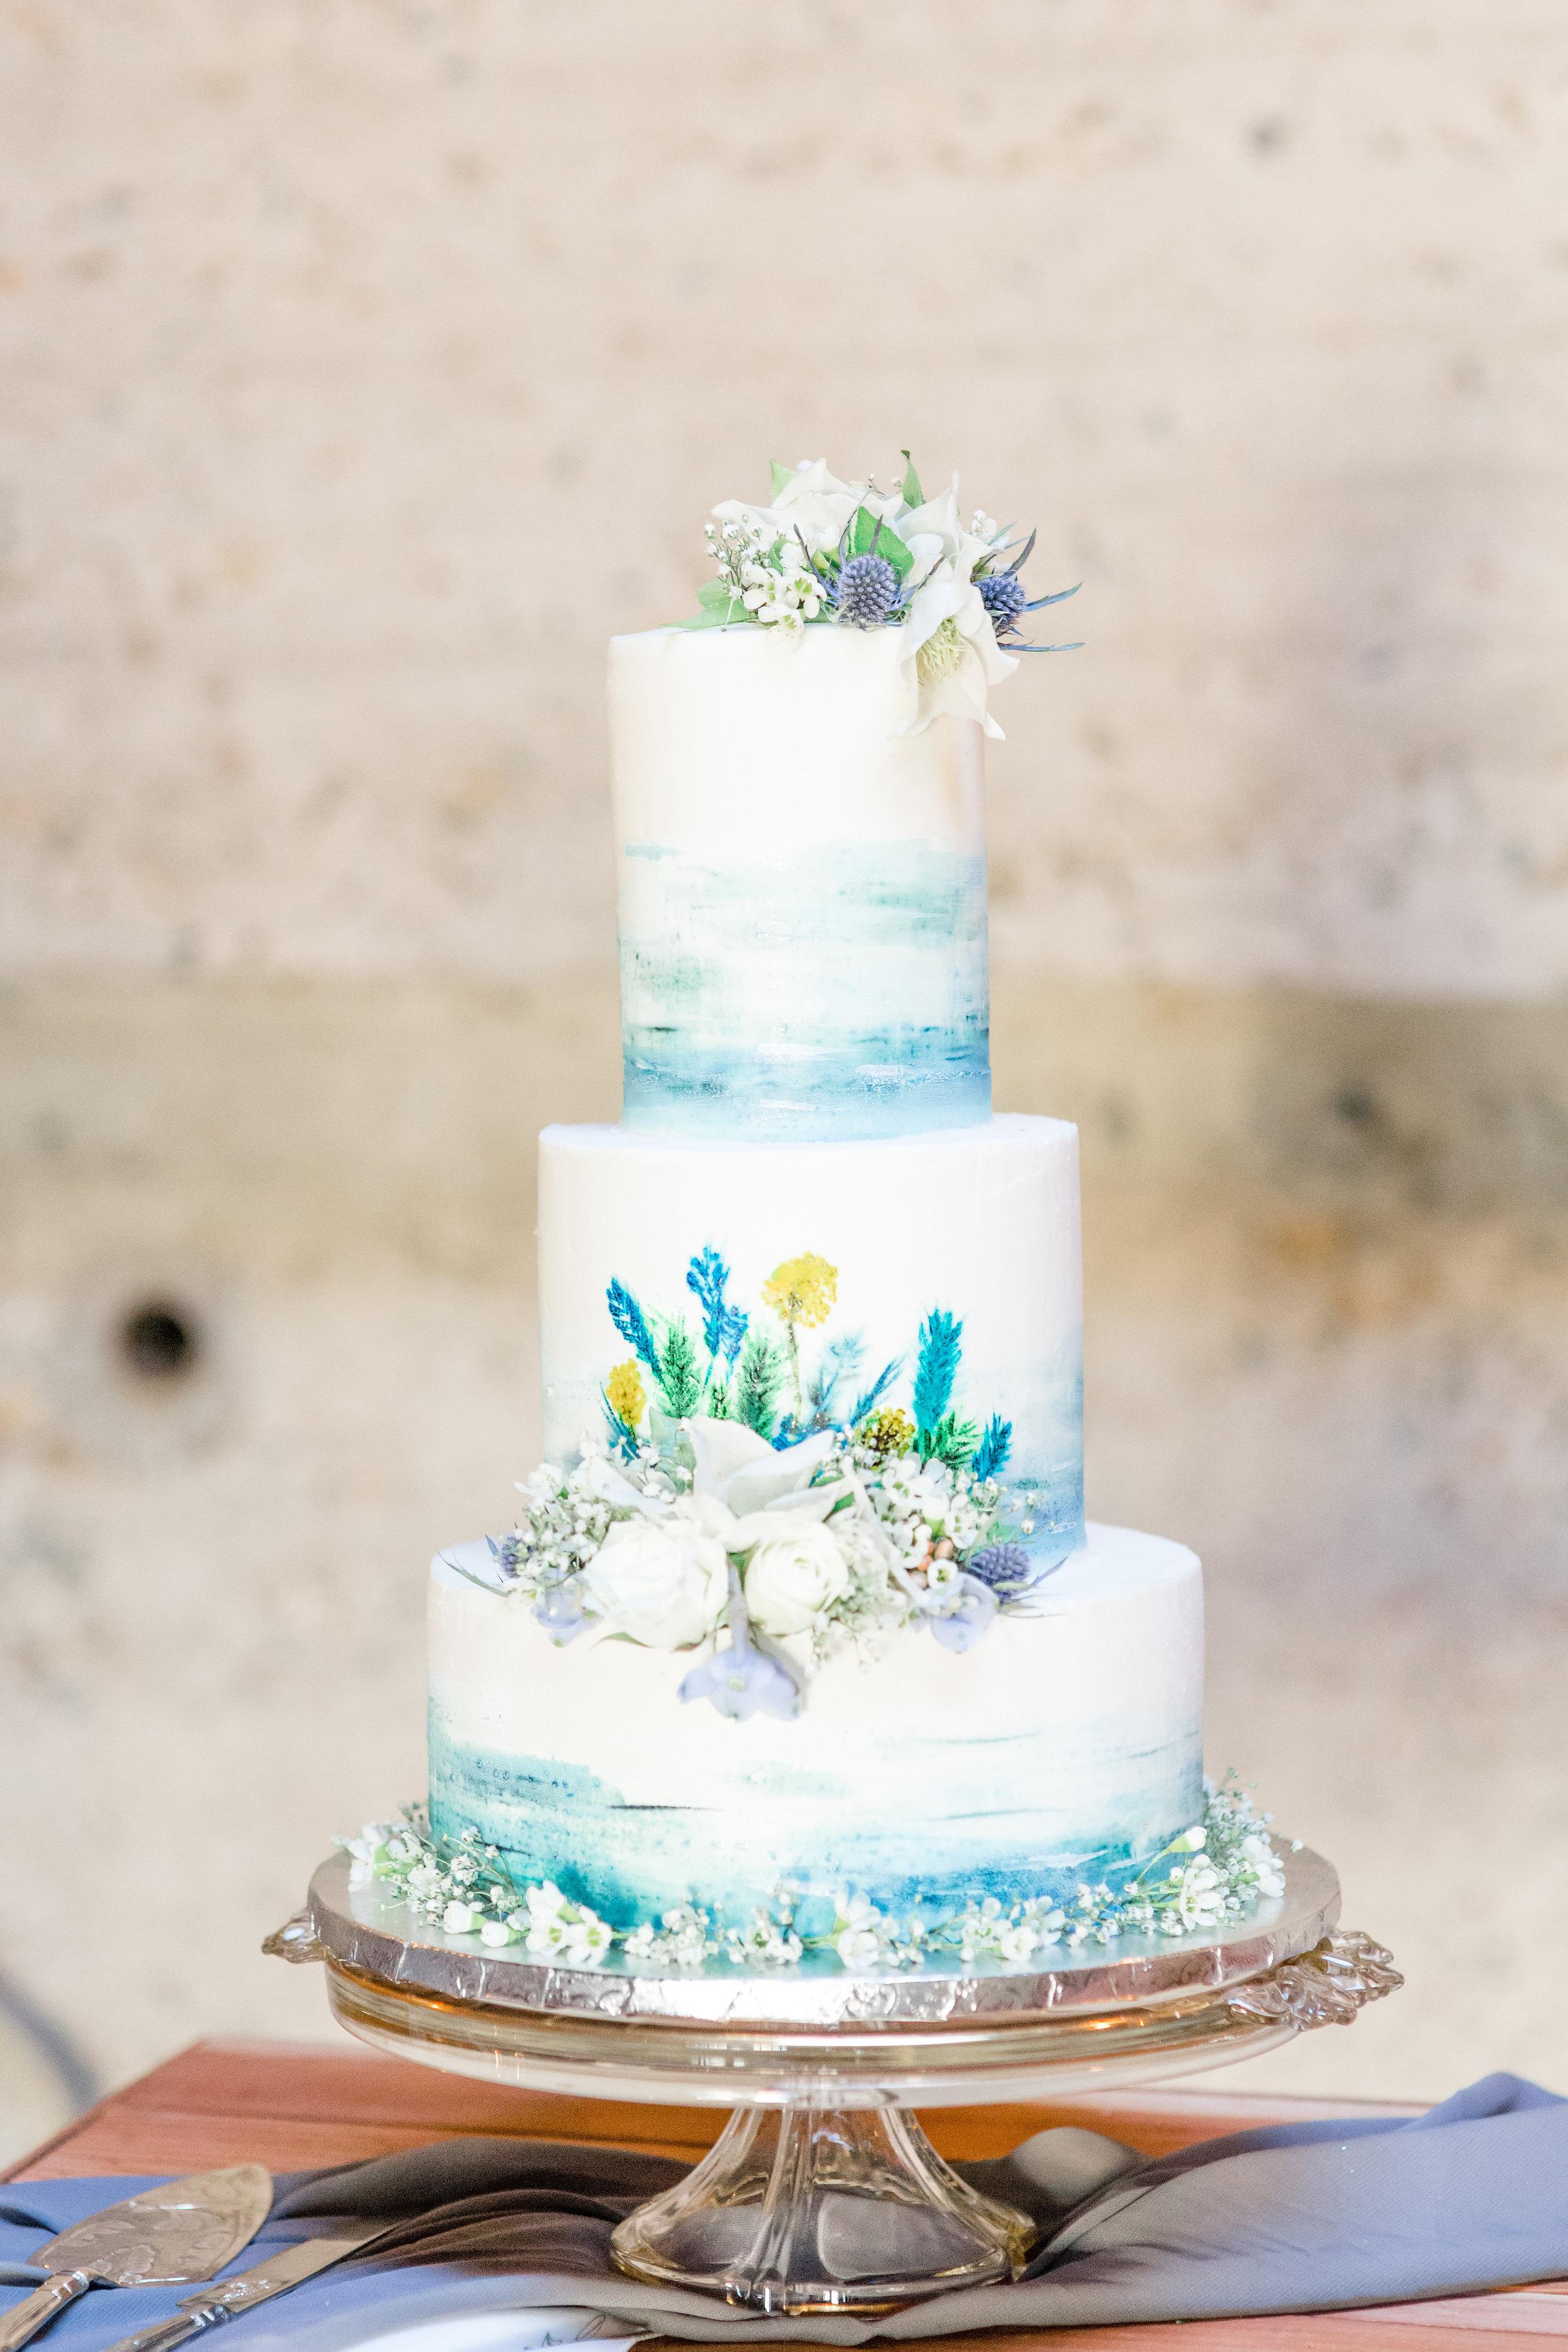 Custom cake design, California.